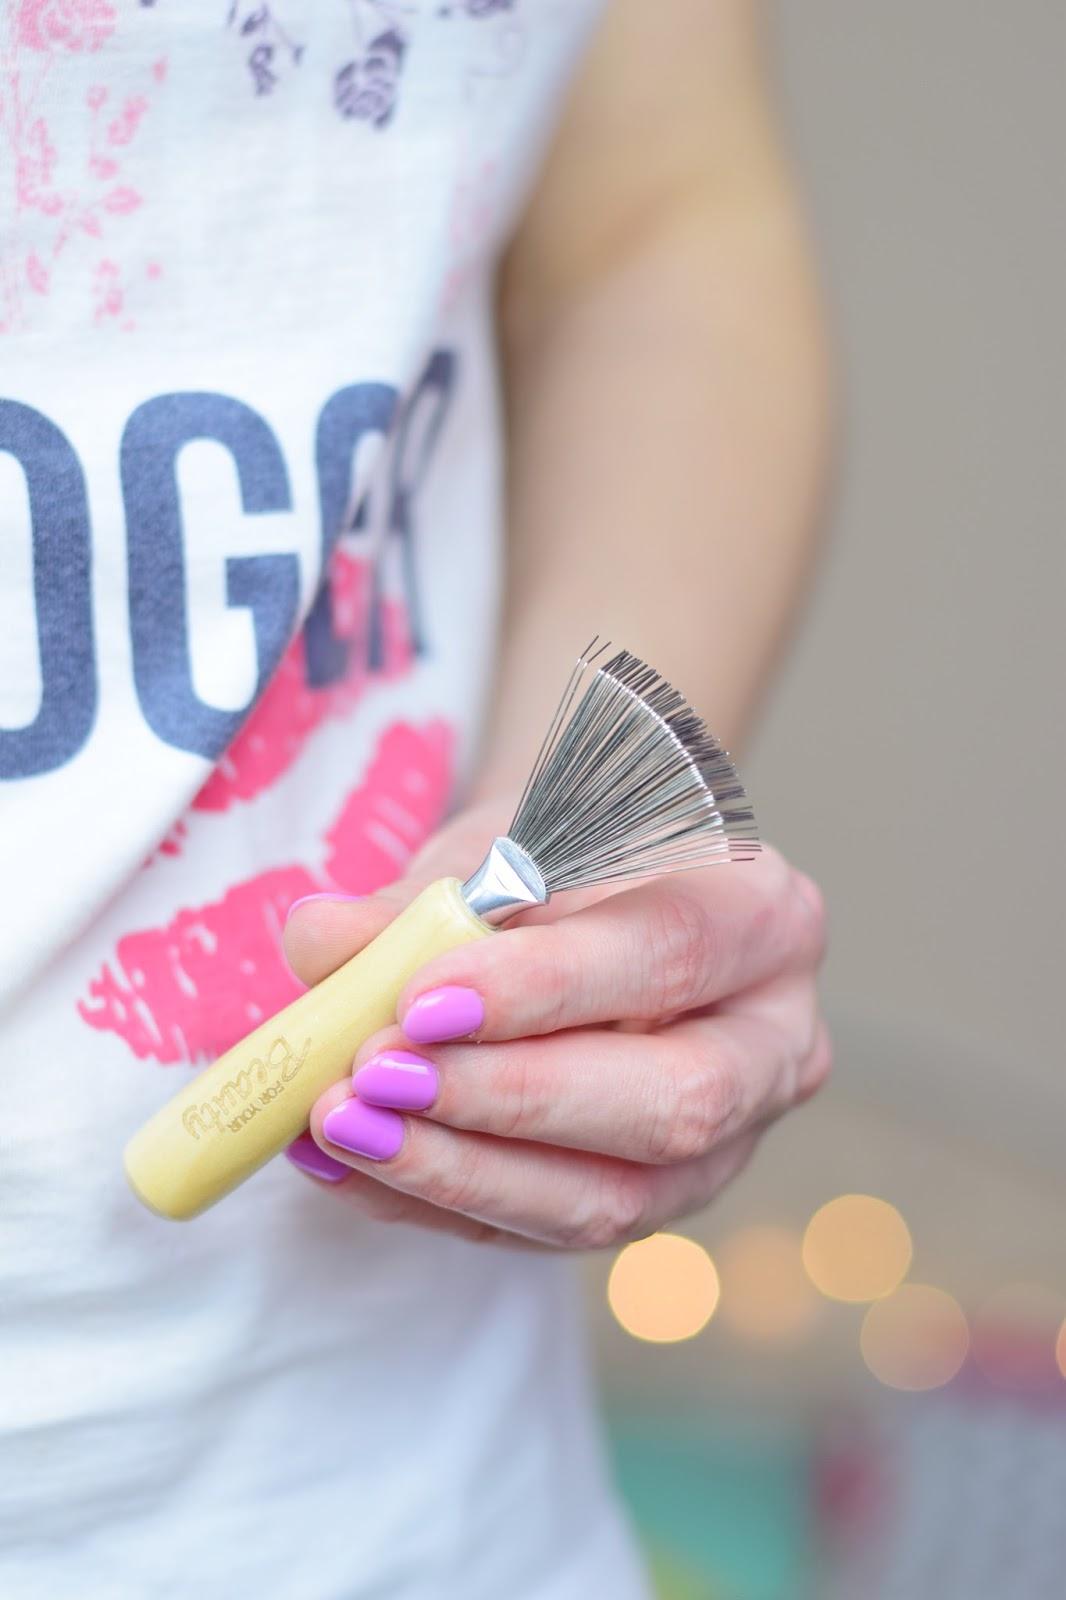 przyrząd do czyszczenia szczotek jak wyczyścić szczotkę do włosów